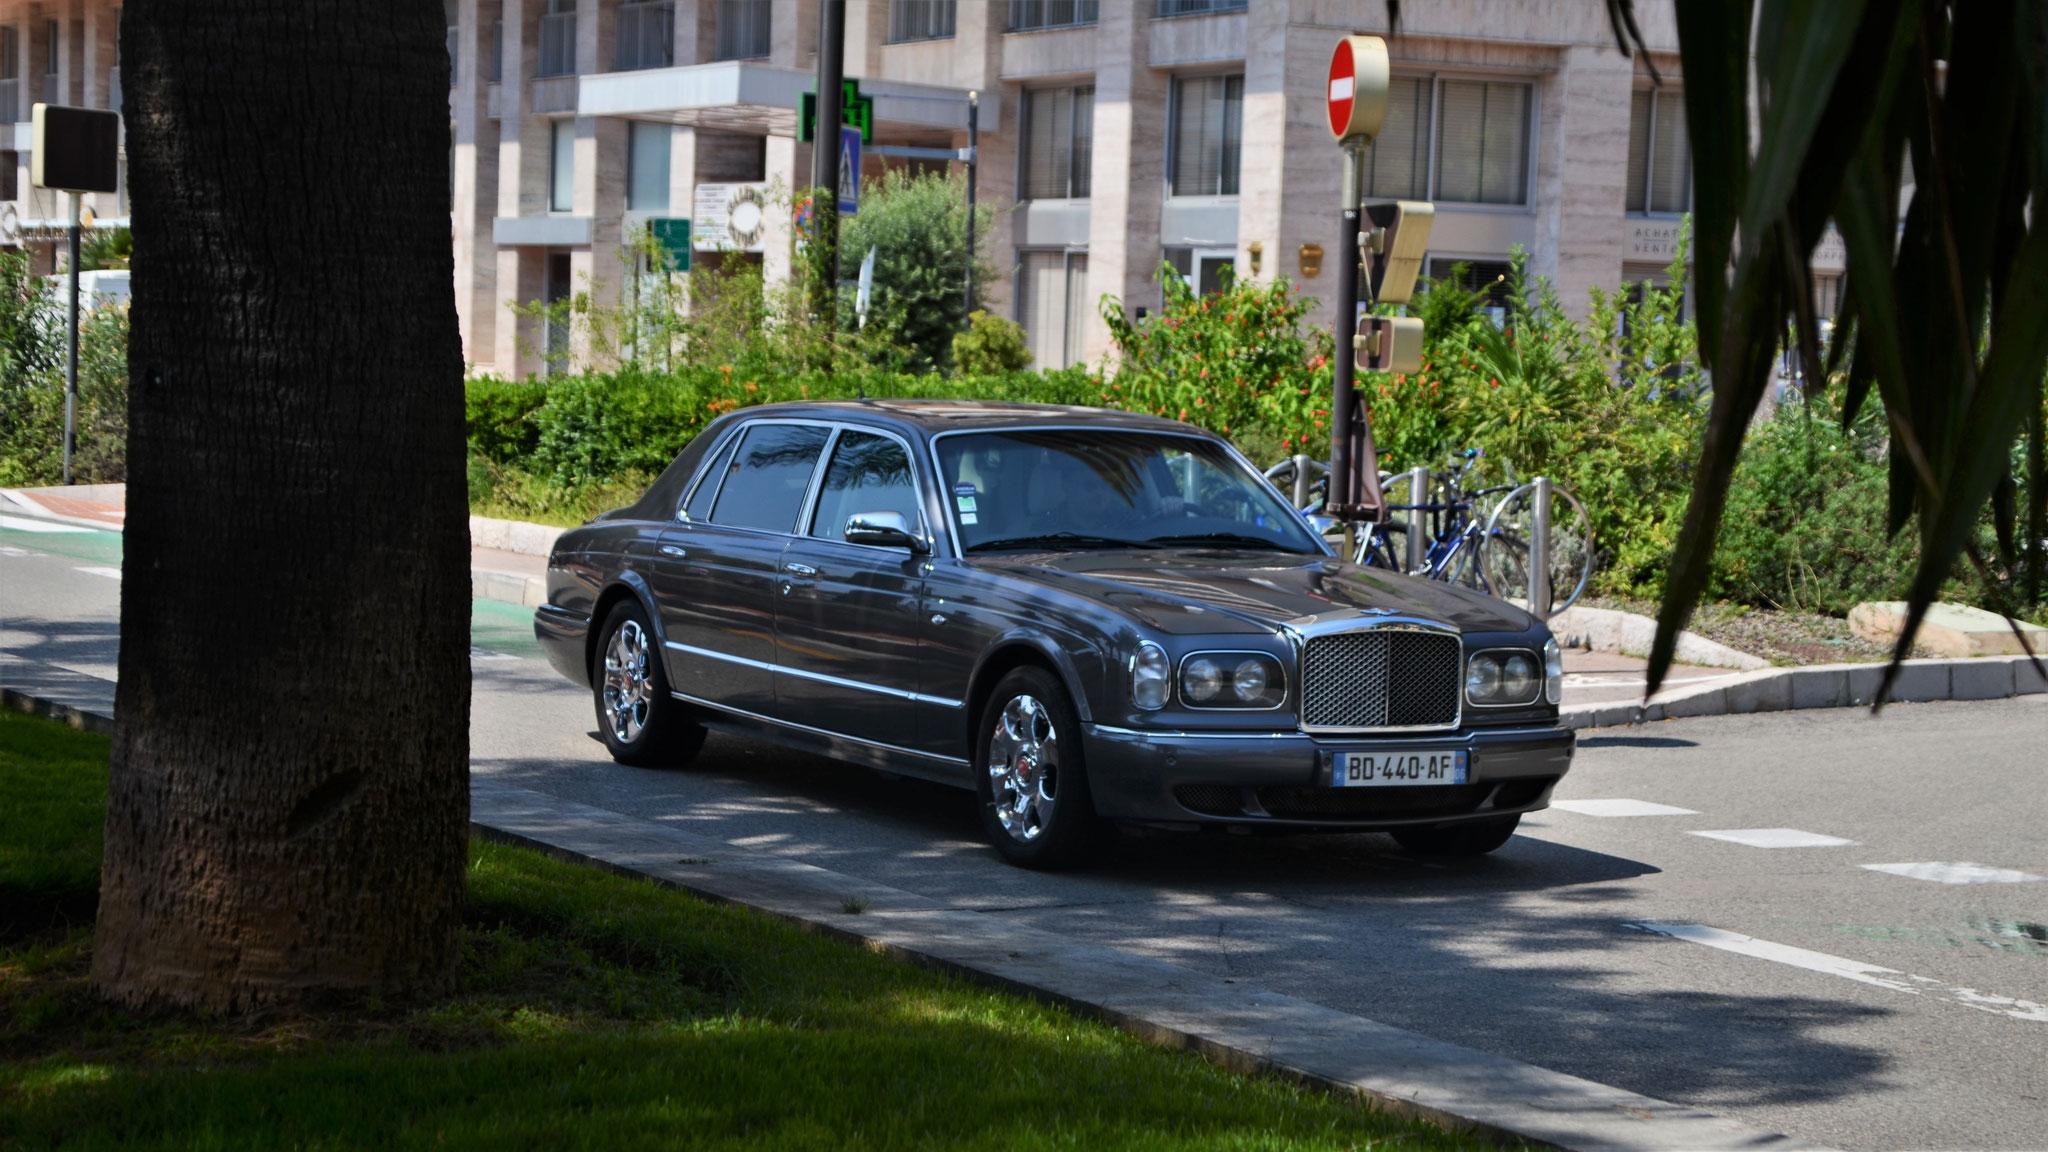 Bentley Arnage - BD-440-AF-06 (FRA)